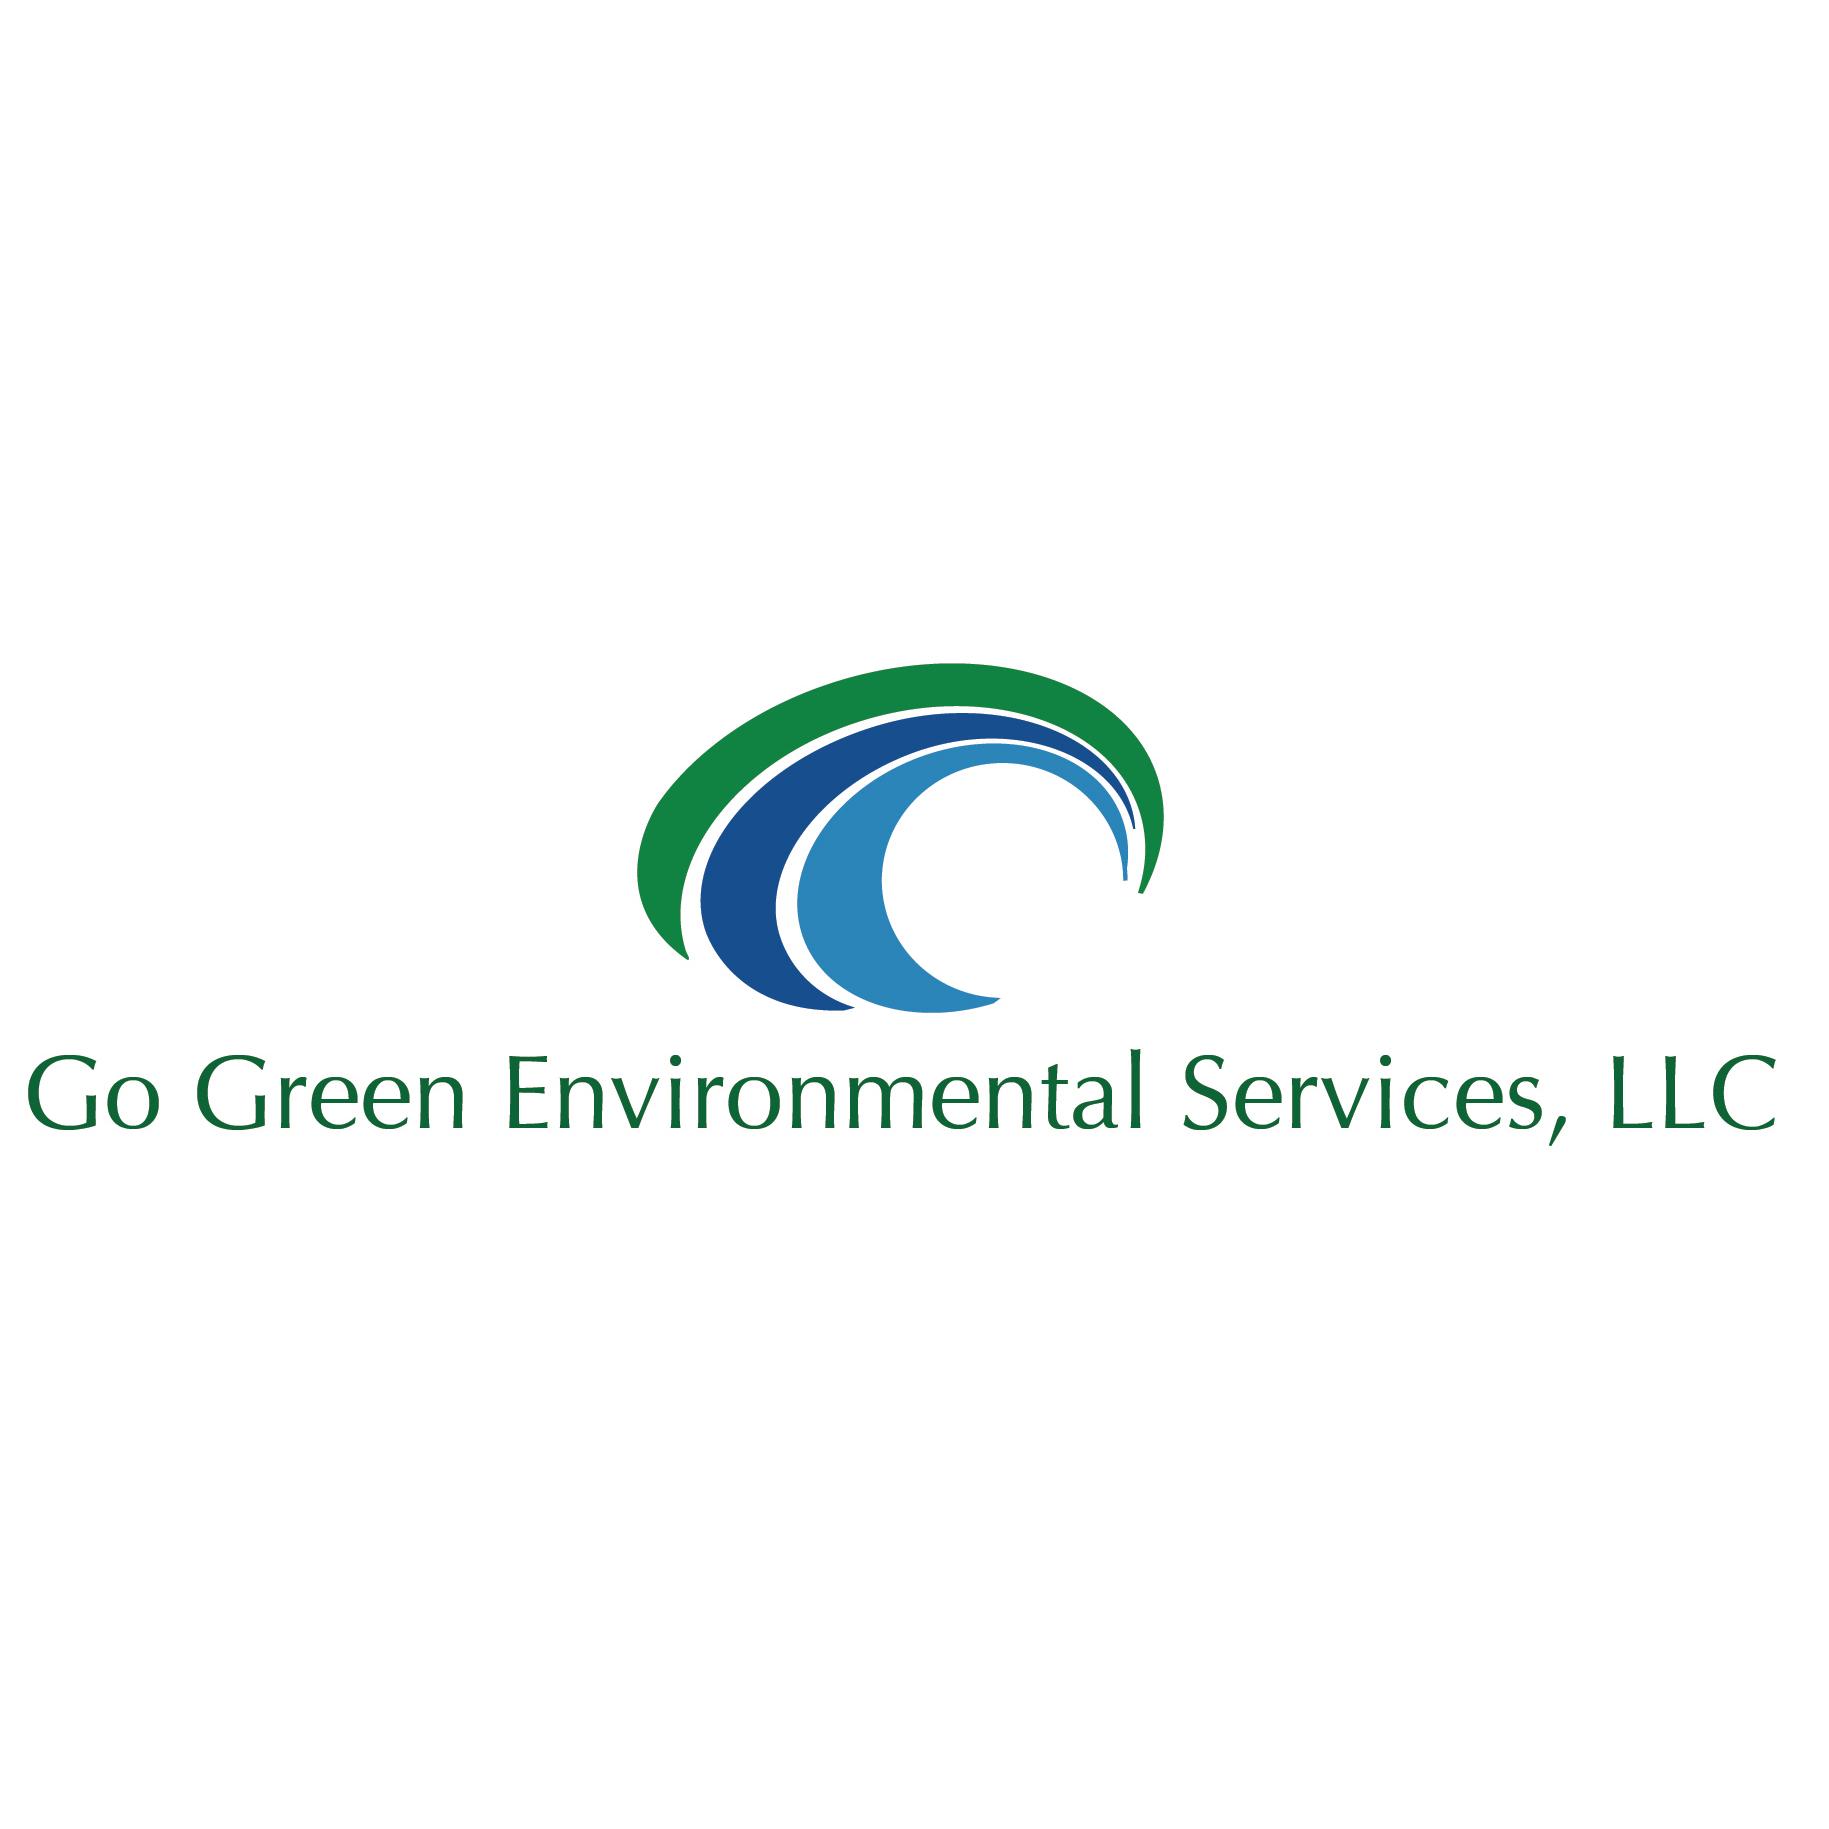 Go Green Environmental Services